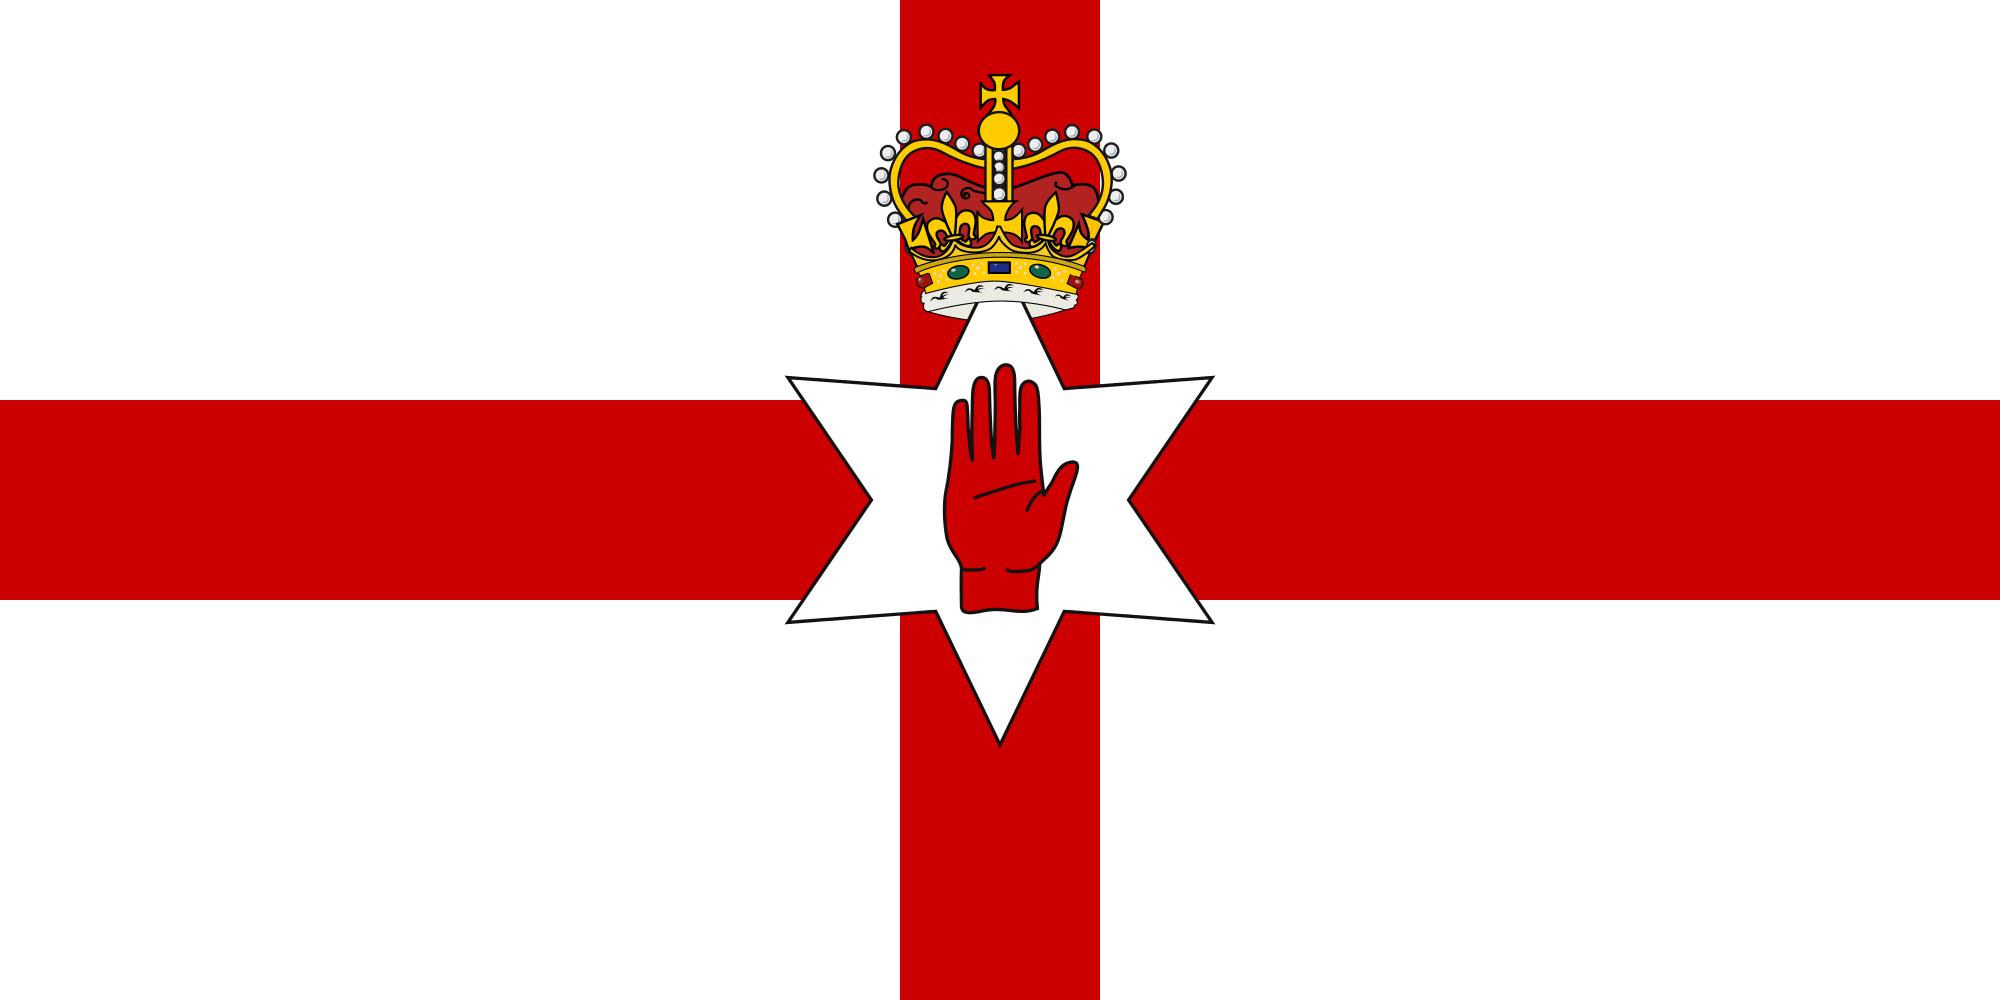 Эмблема ФК «Північна Ірландія»